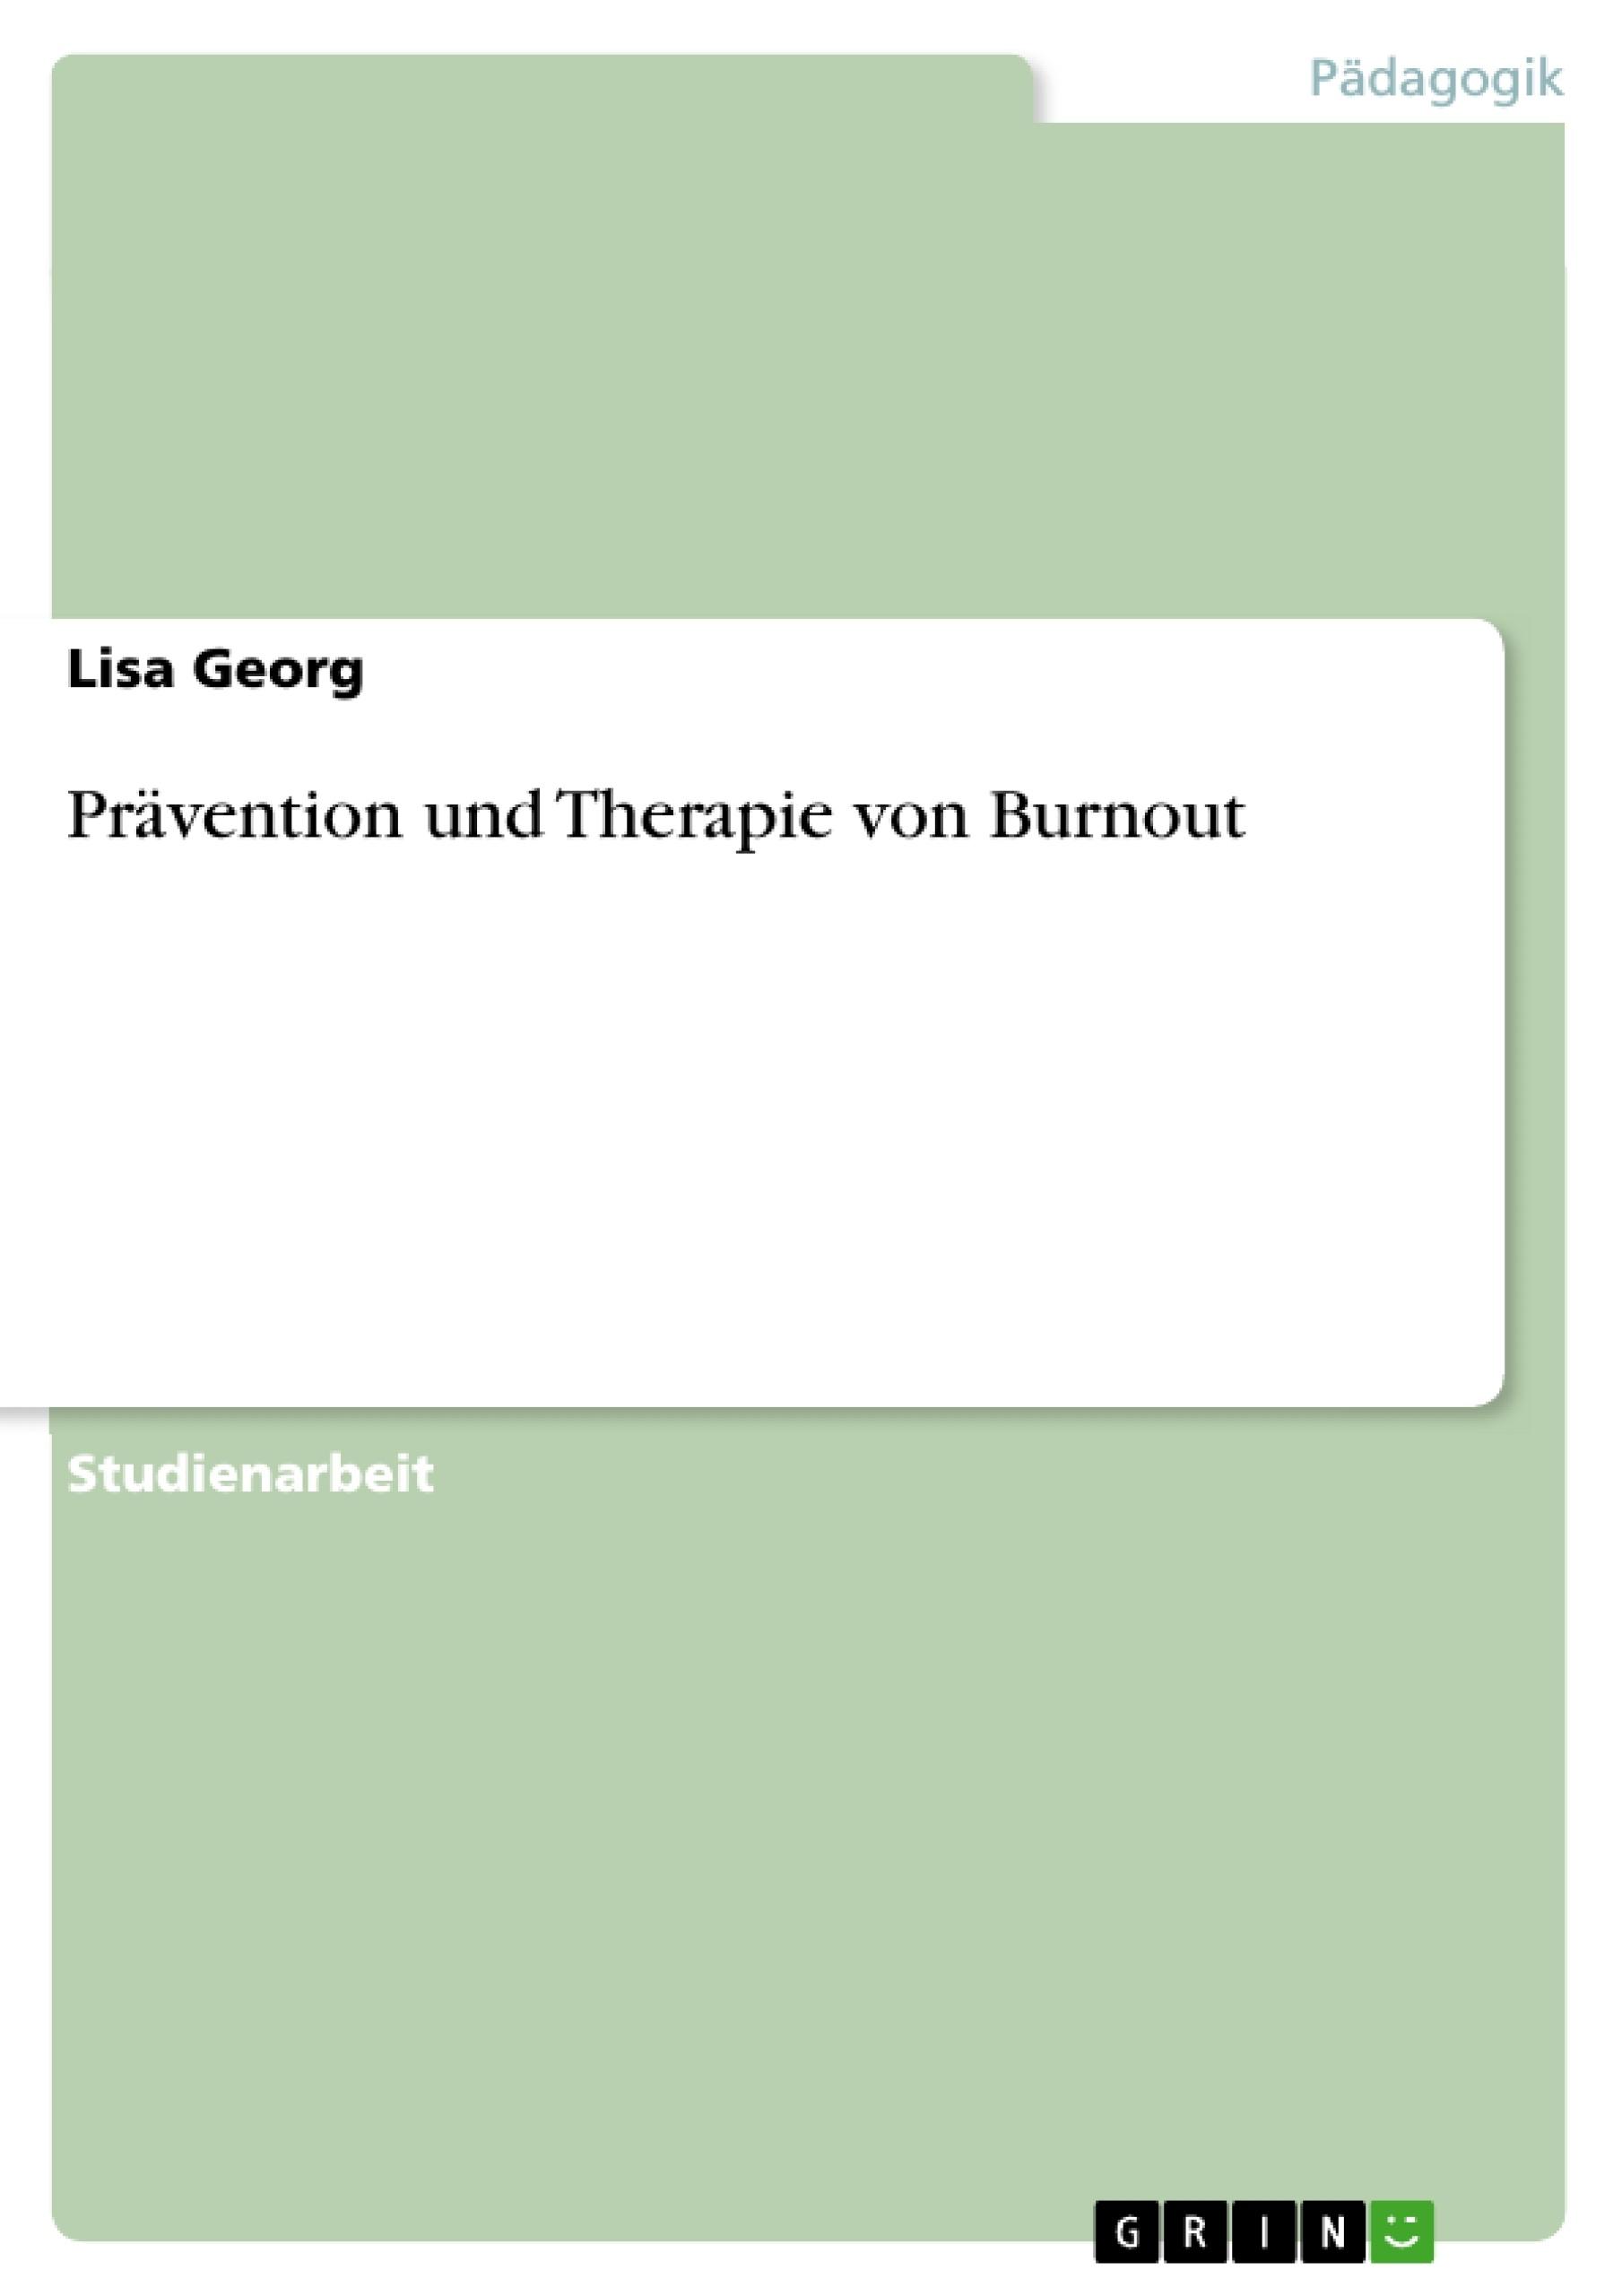 Titel: Prävention und Therapie von Burnout